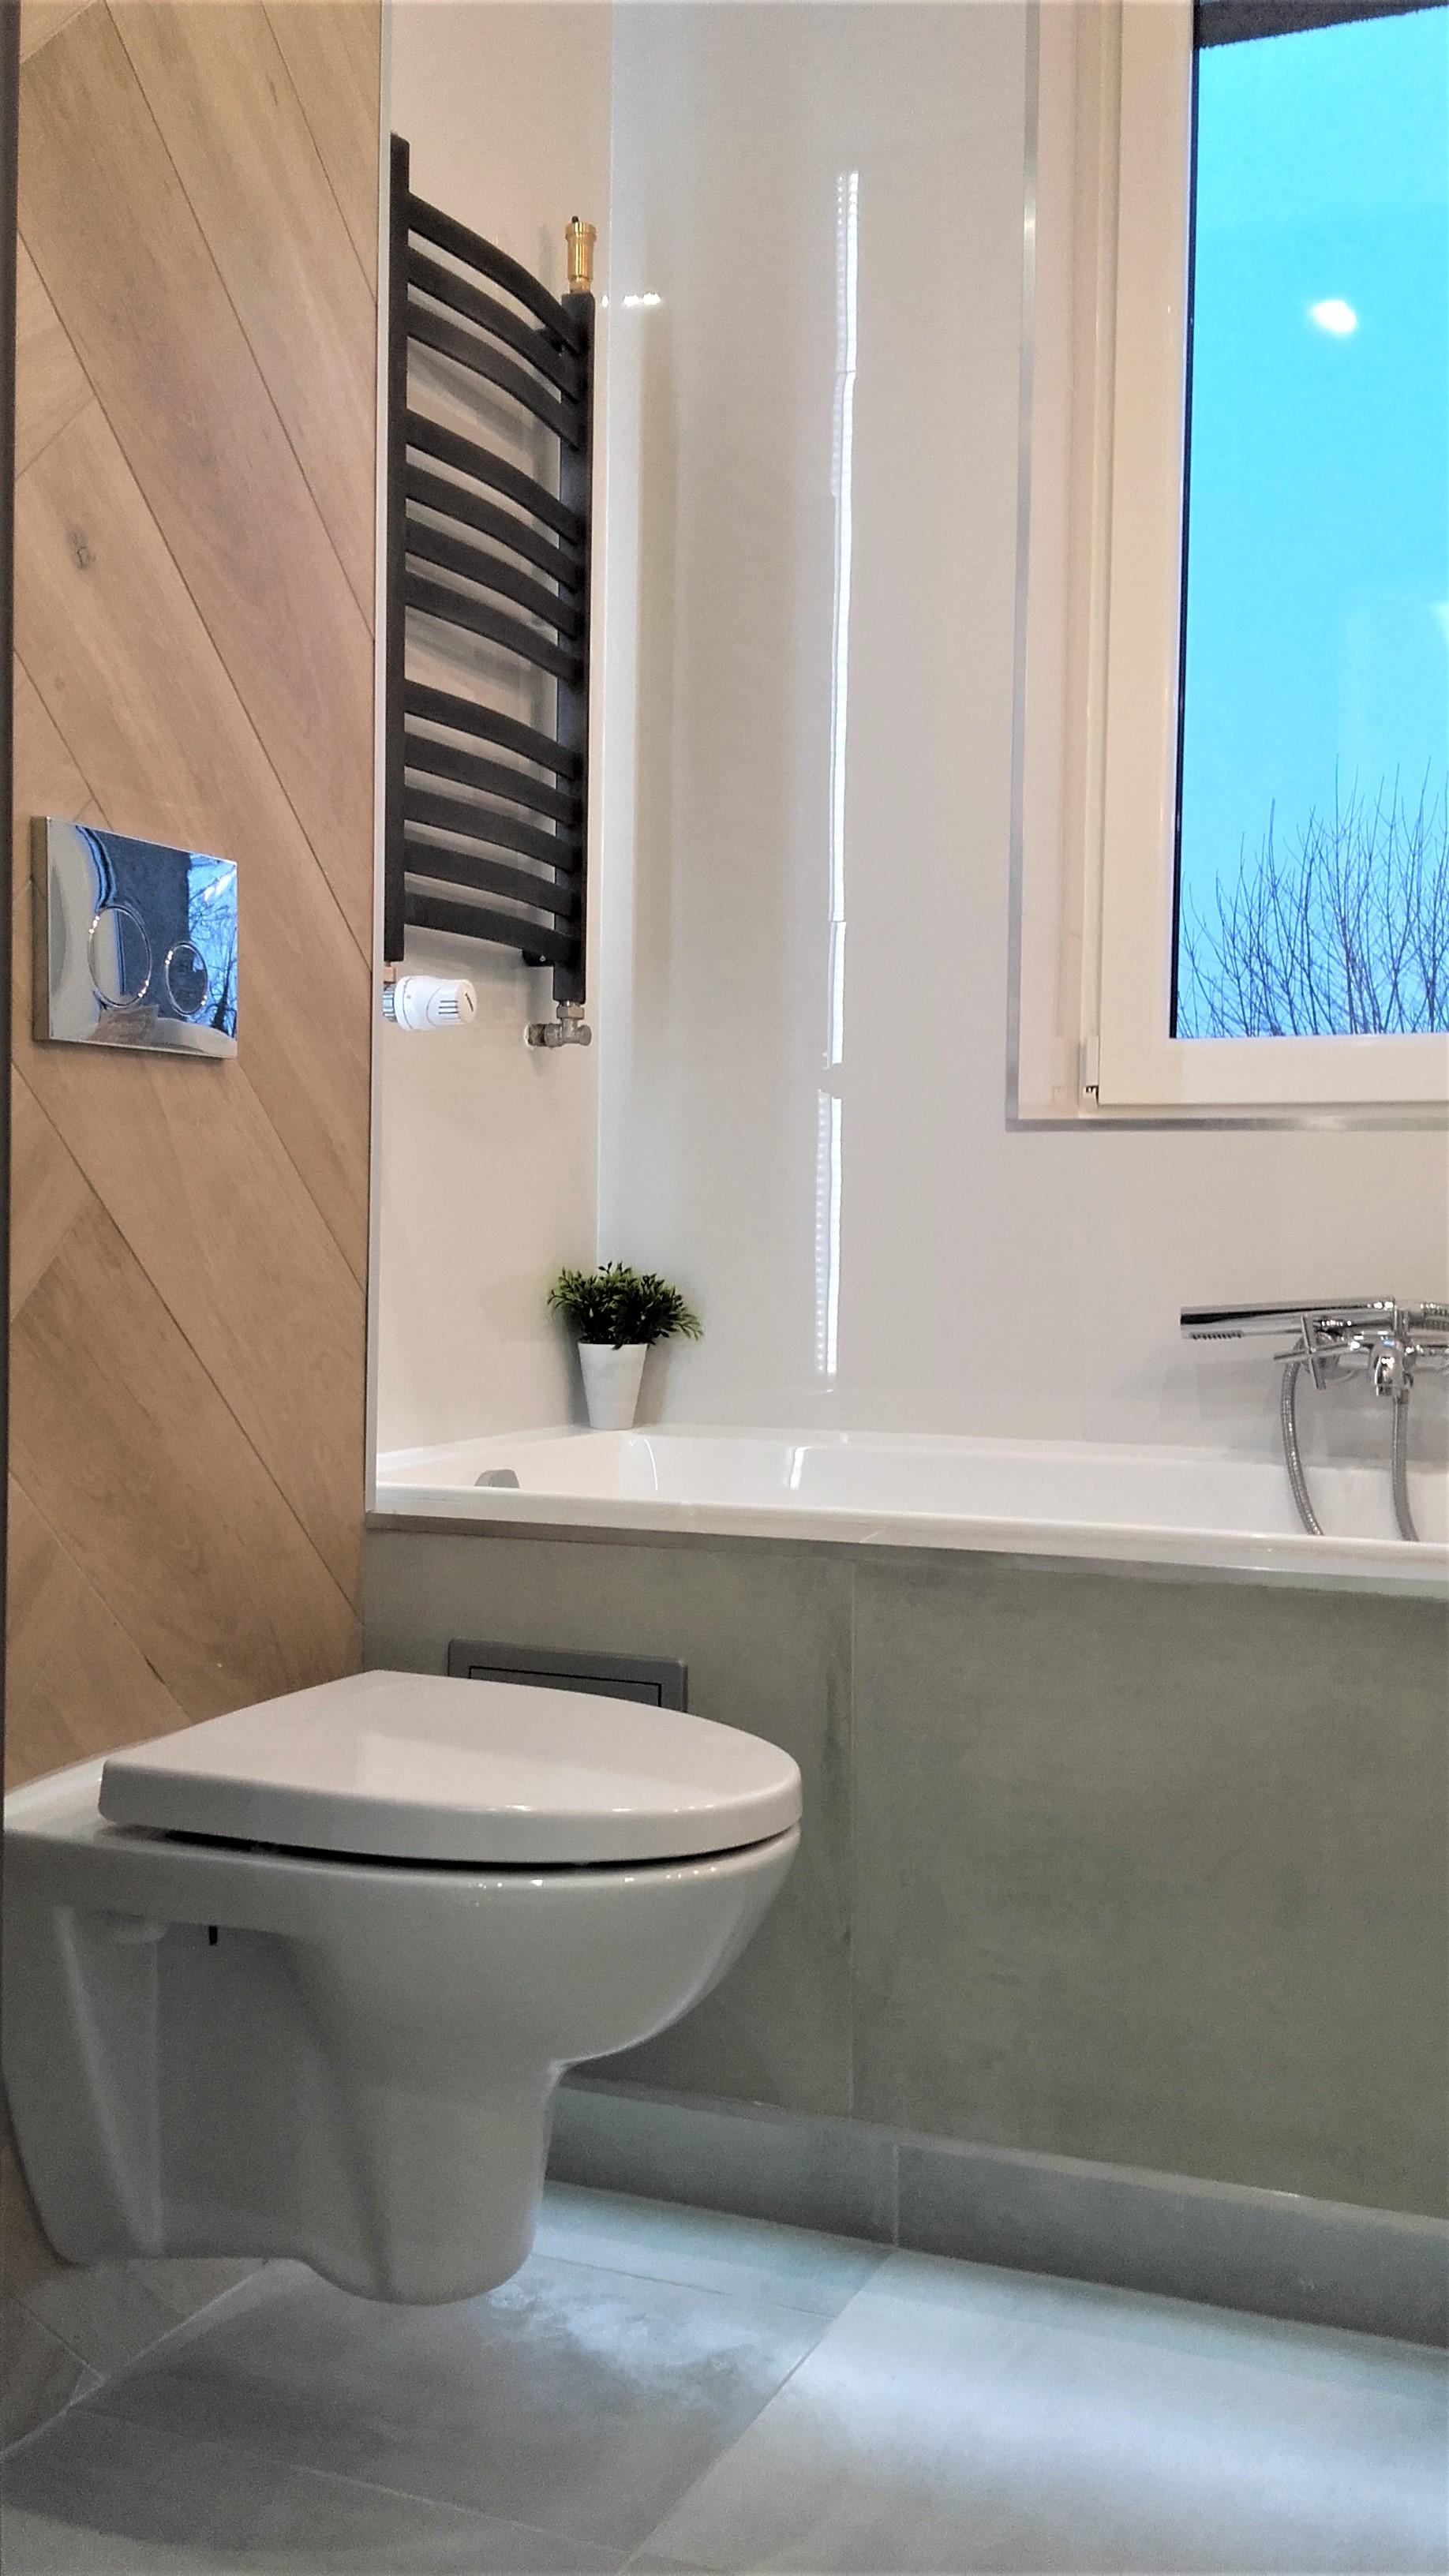 Remont Mała łazienka Z Oknem